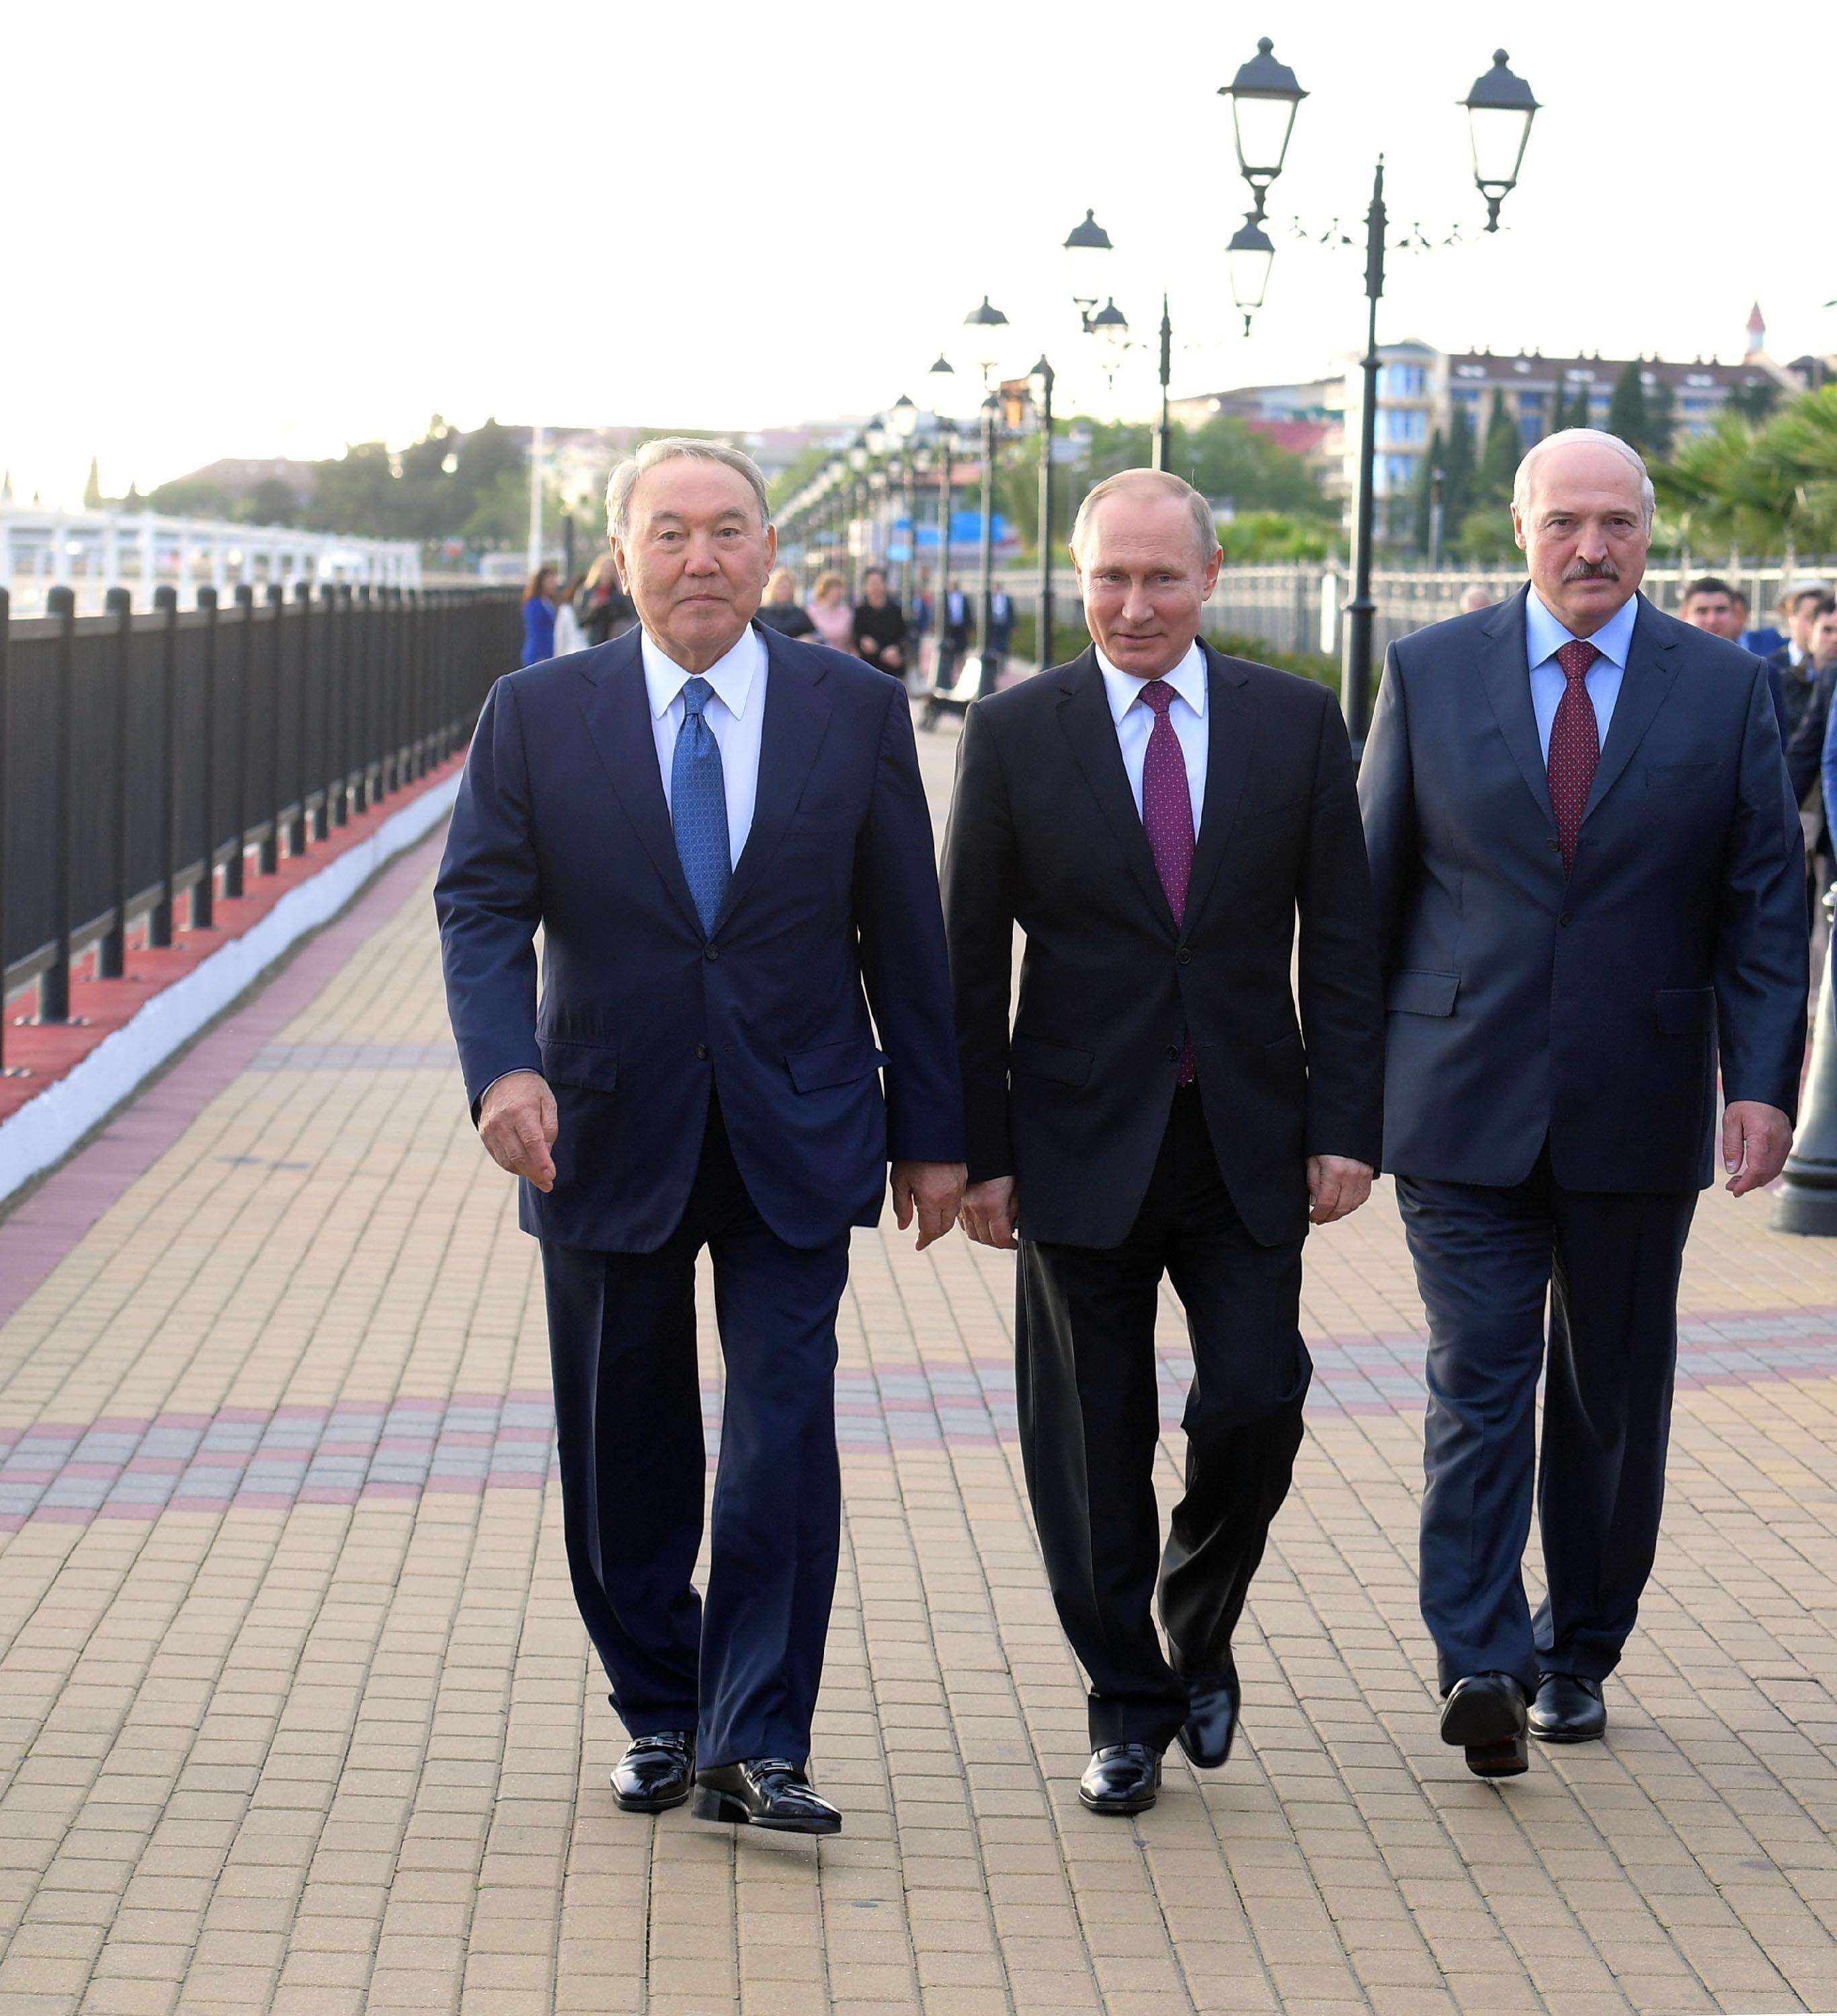 Нурсултан Назарбаев, Владимир Путин и Александр Лукашенко во время прогулки по набережной в Сочи